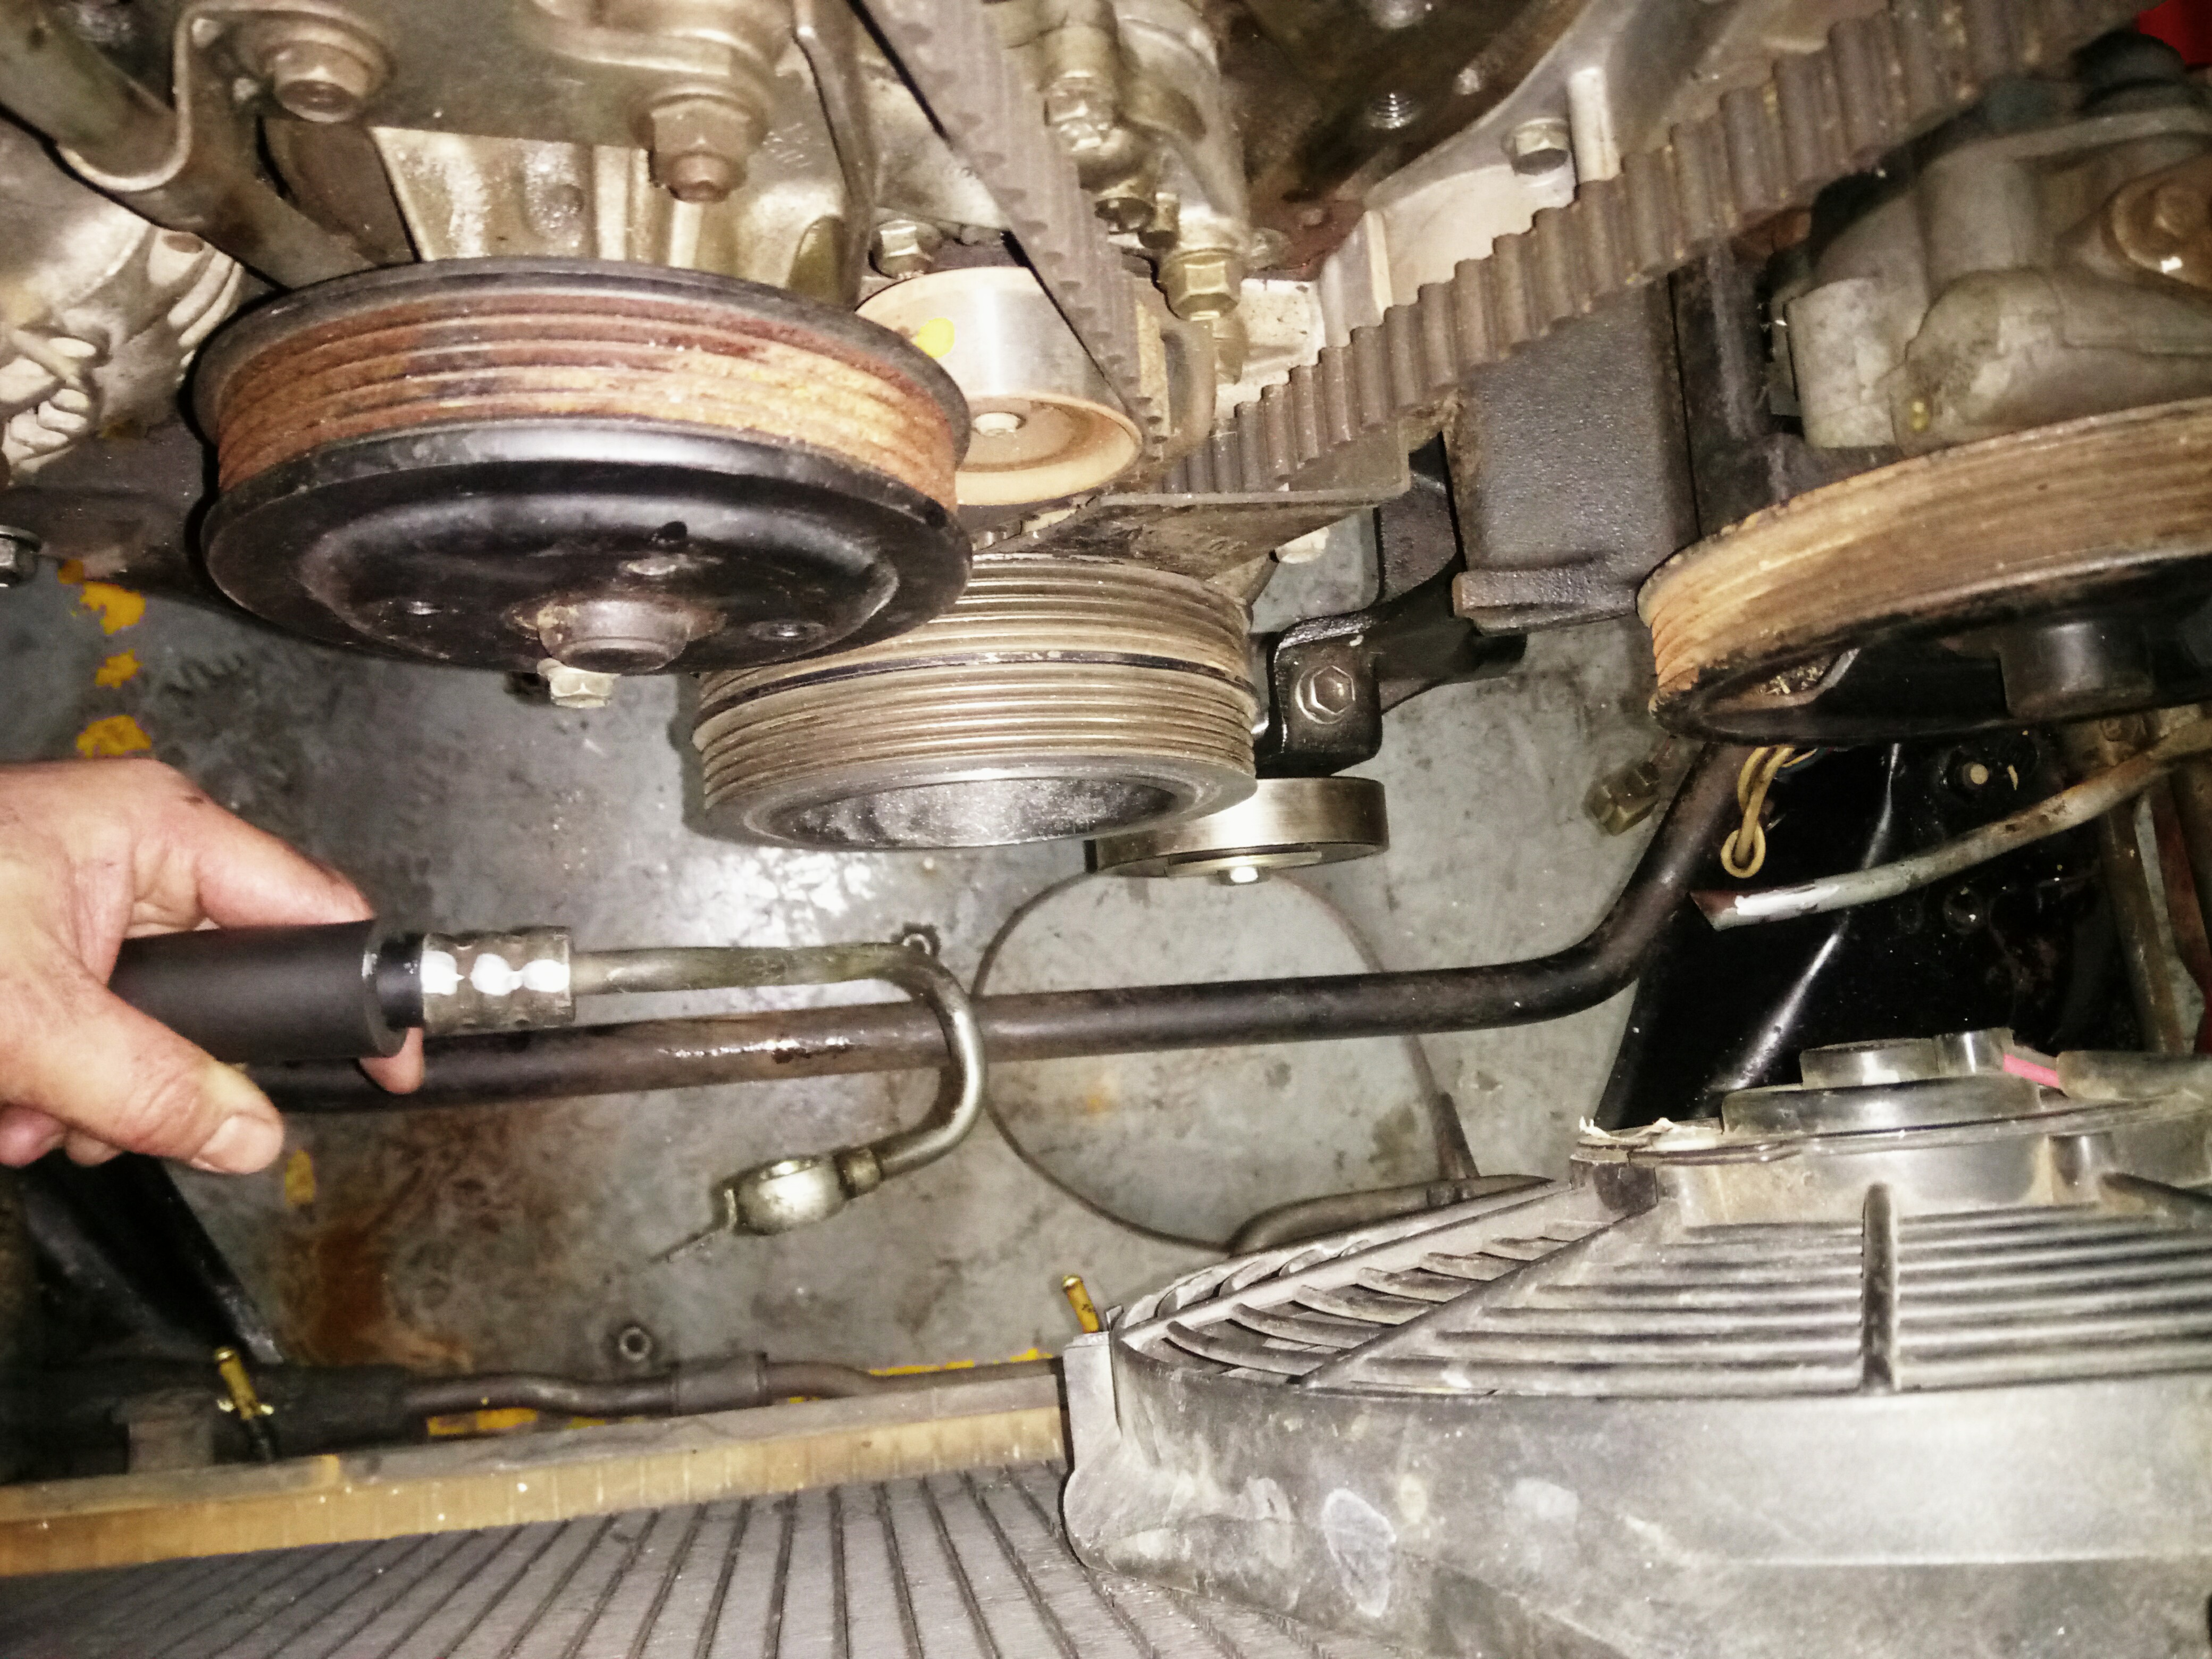 [Image: AEU86 AE86 - Trueno Coupe South Africa]